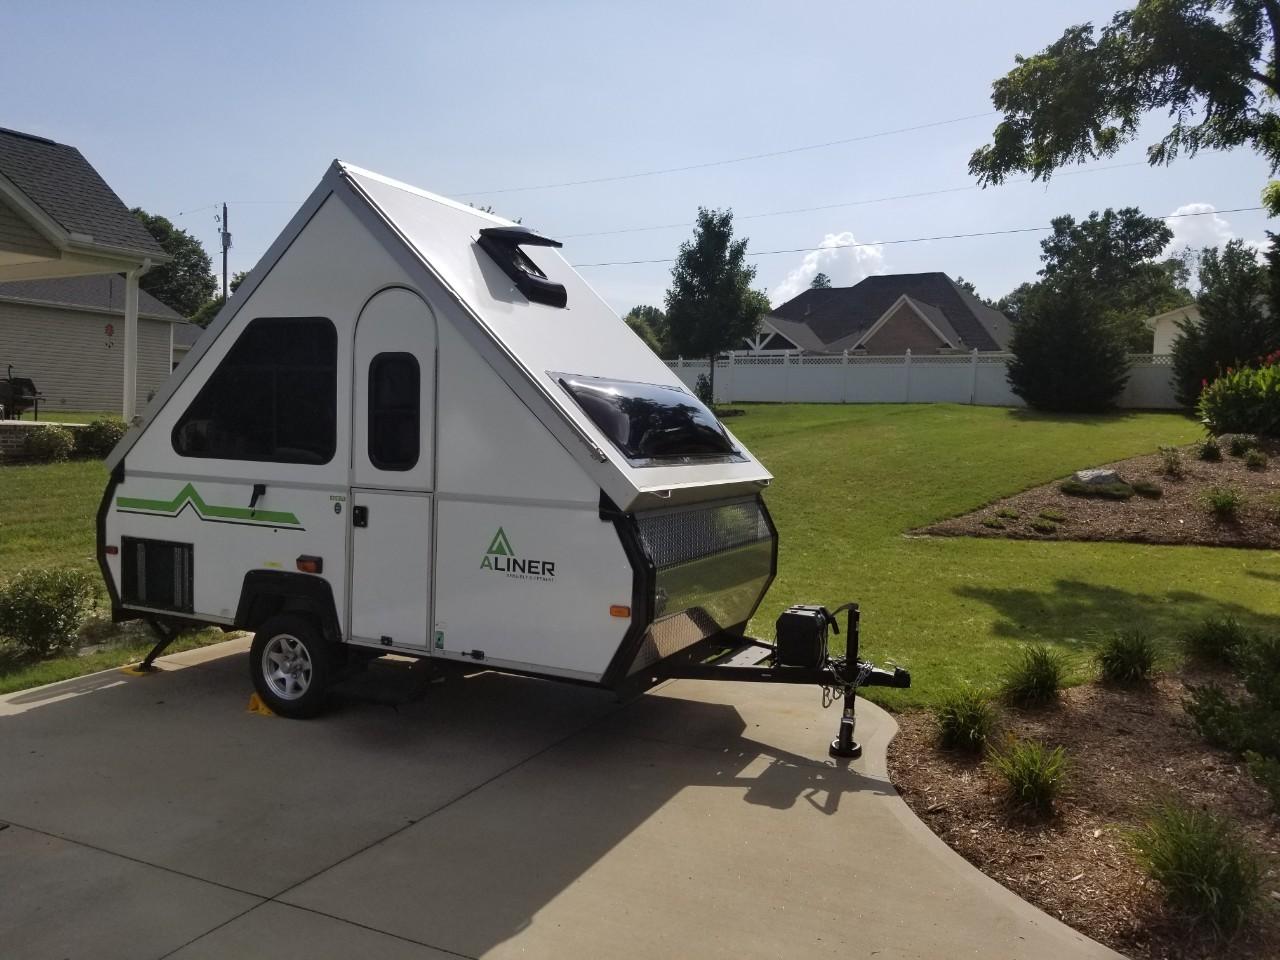 Aliner For Sale - Aliner Pop Up Campers - RV Trader